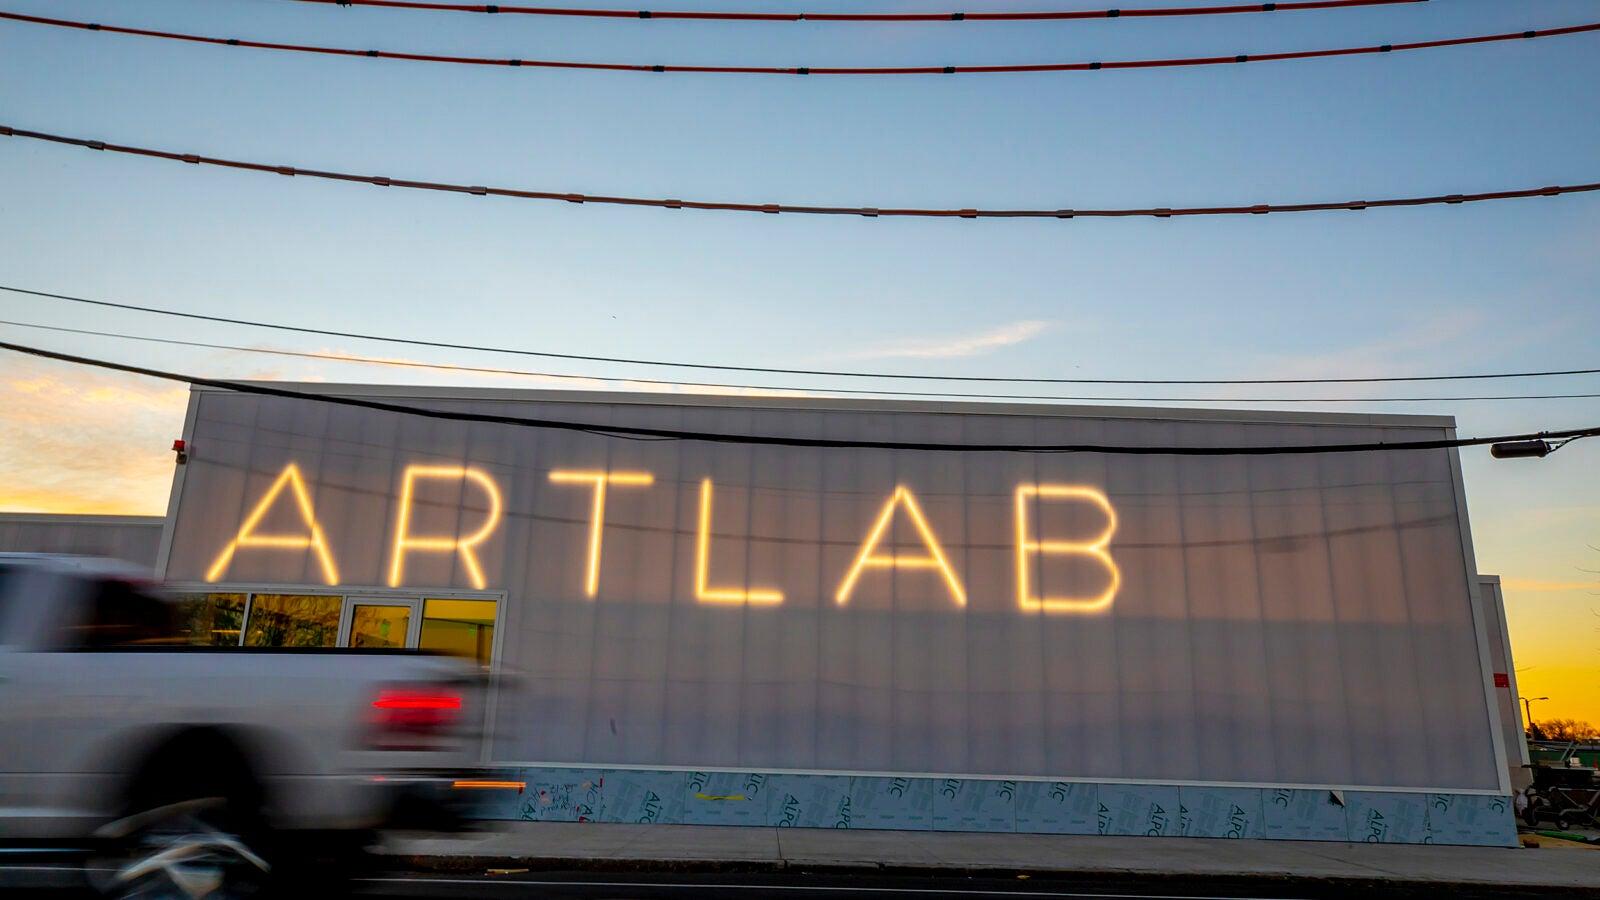 ArtLab building.